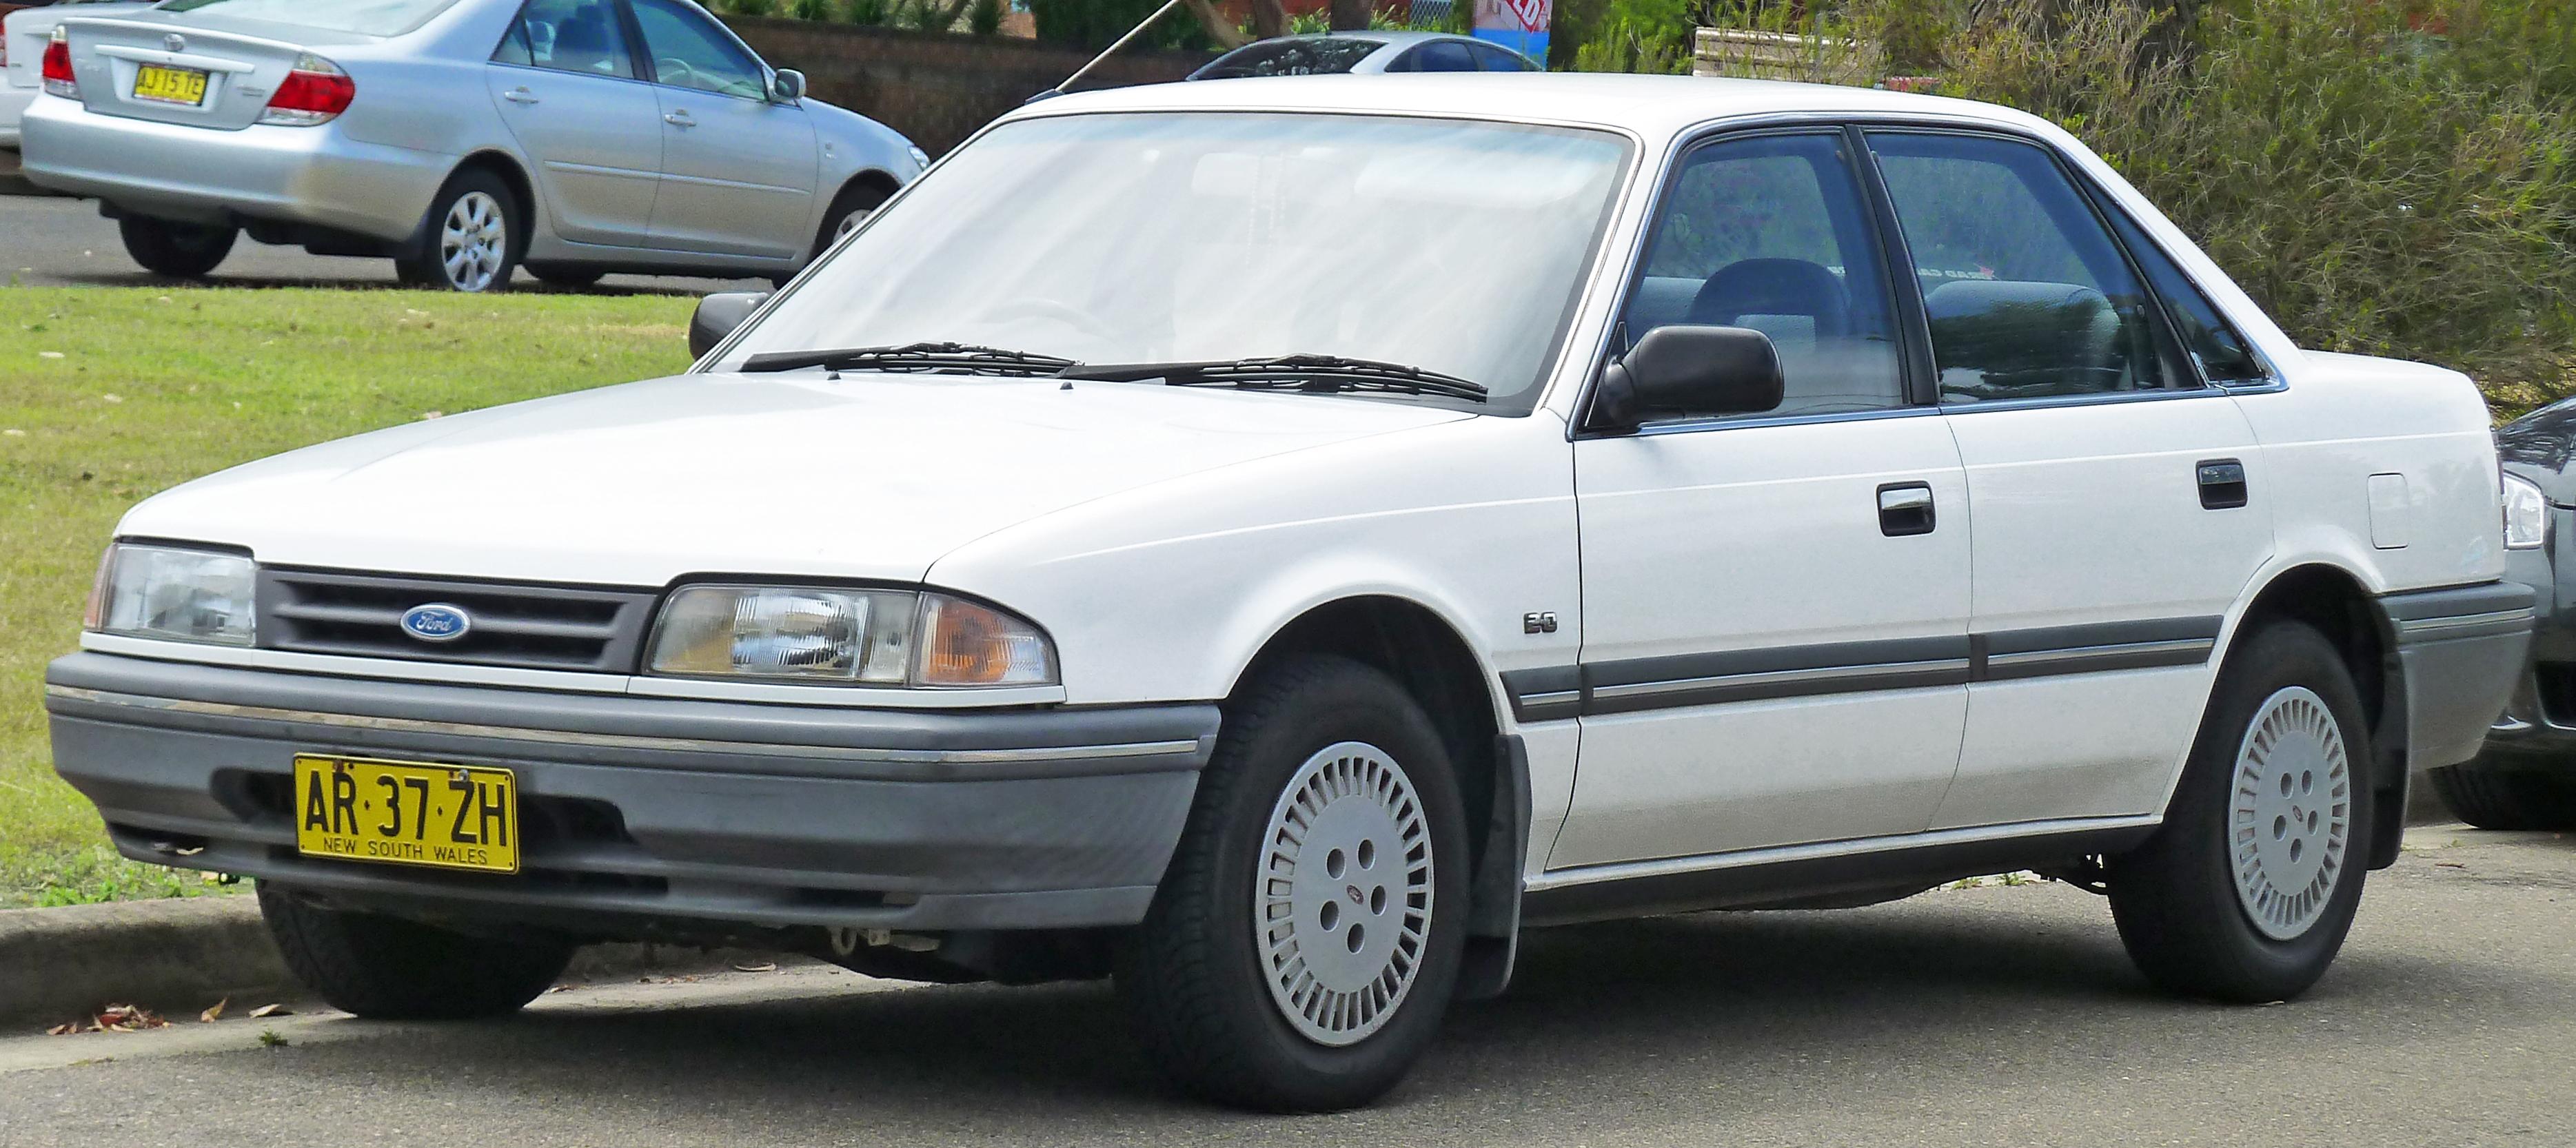 Ford Hatchback Cars For Sale